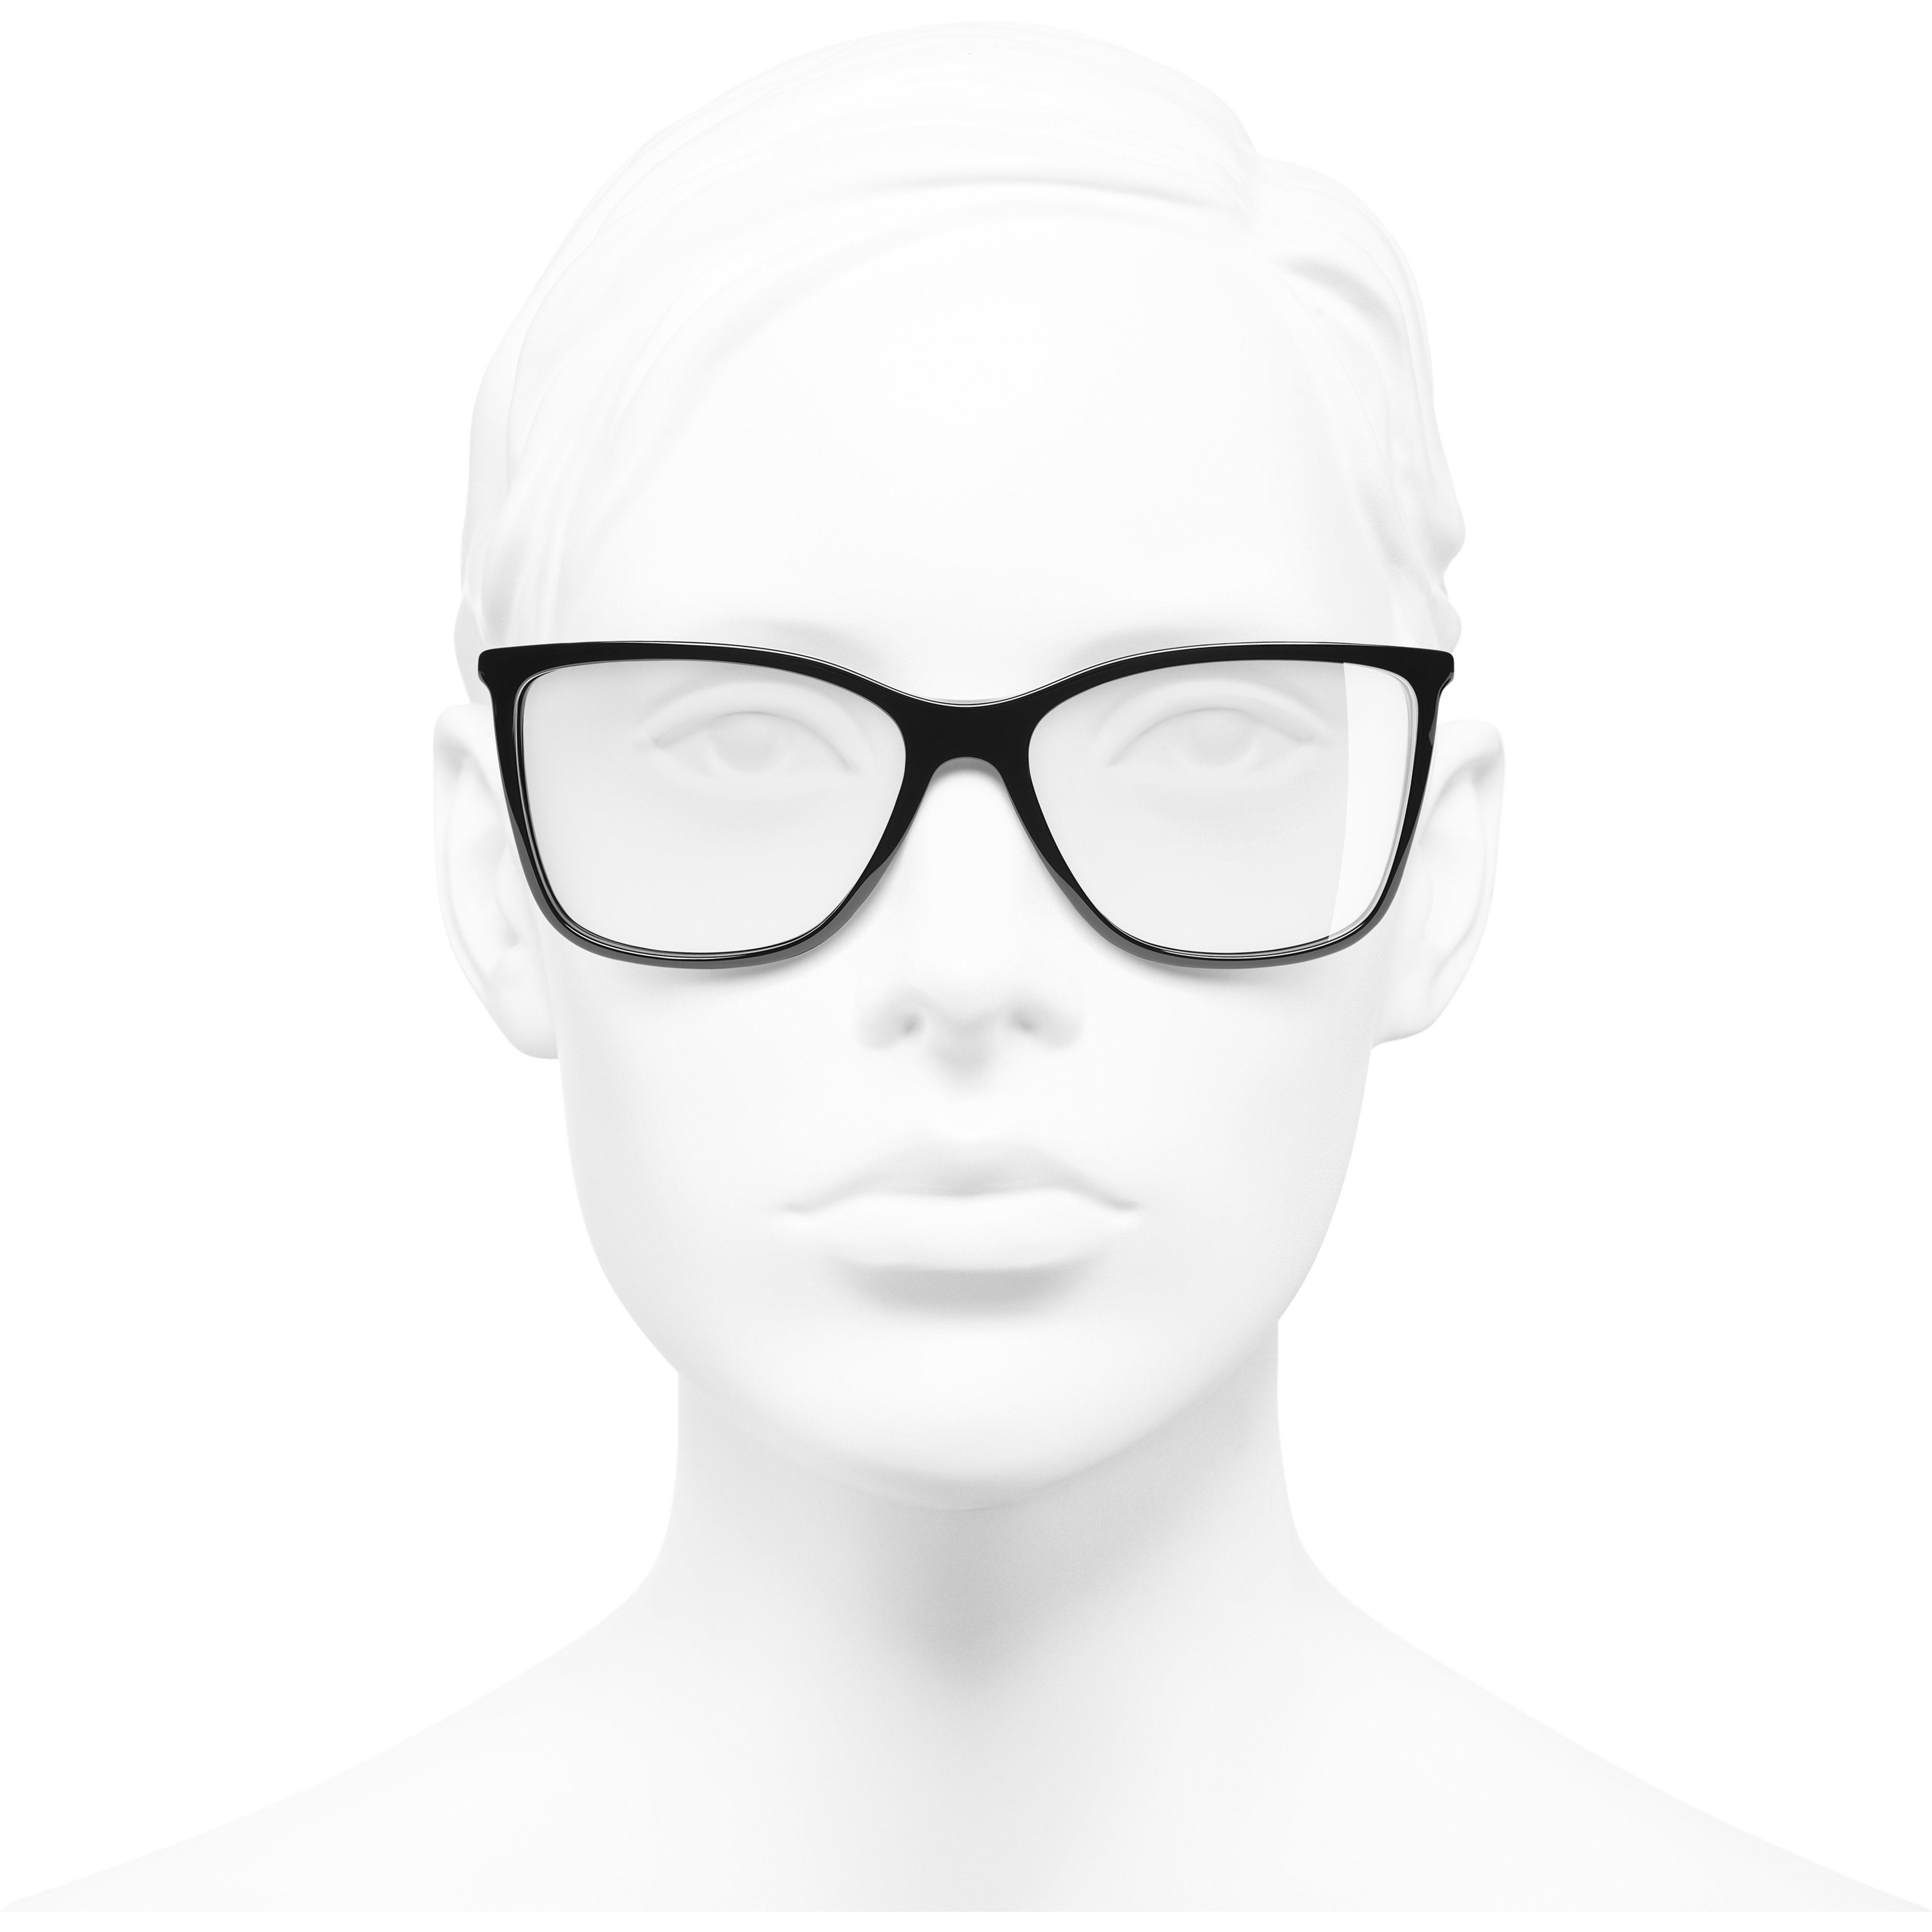 方型眼鏡 - 黑 - 高級樹脂 & 水鑽 - CHANEL - 配戴時的正面視圖 - 查看標準尺寸版本